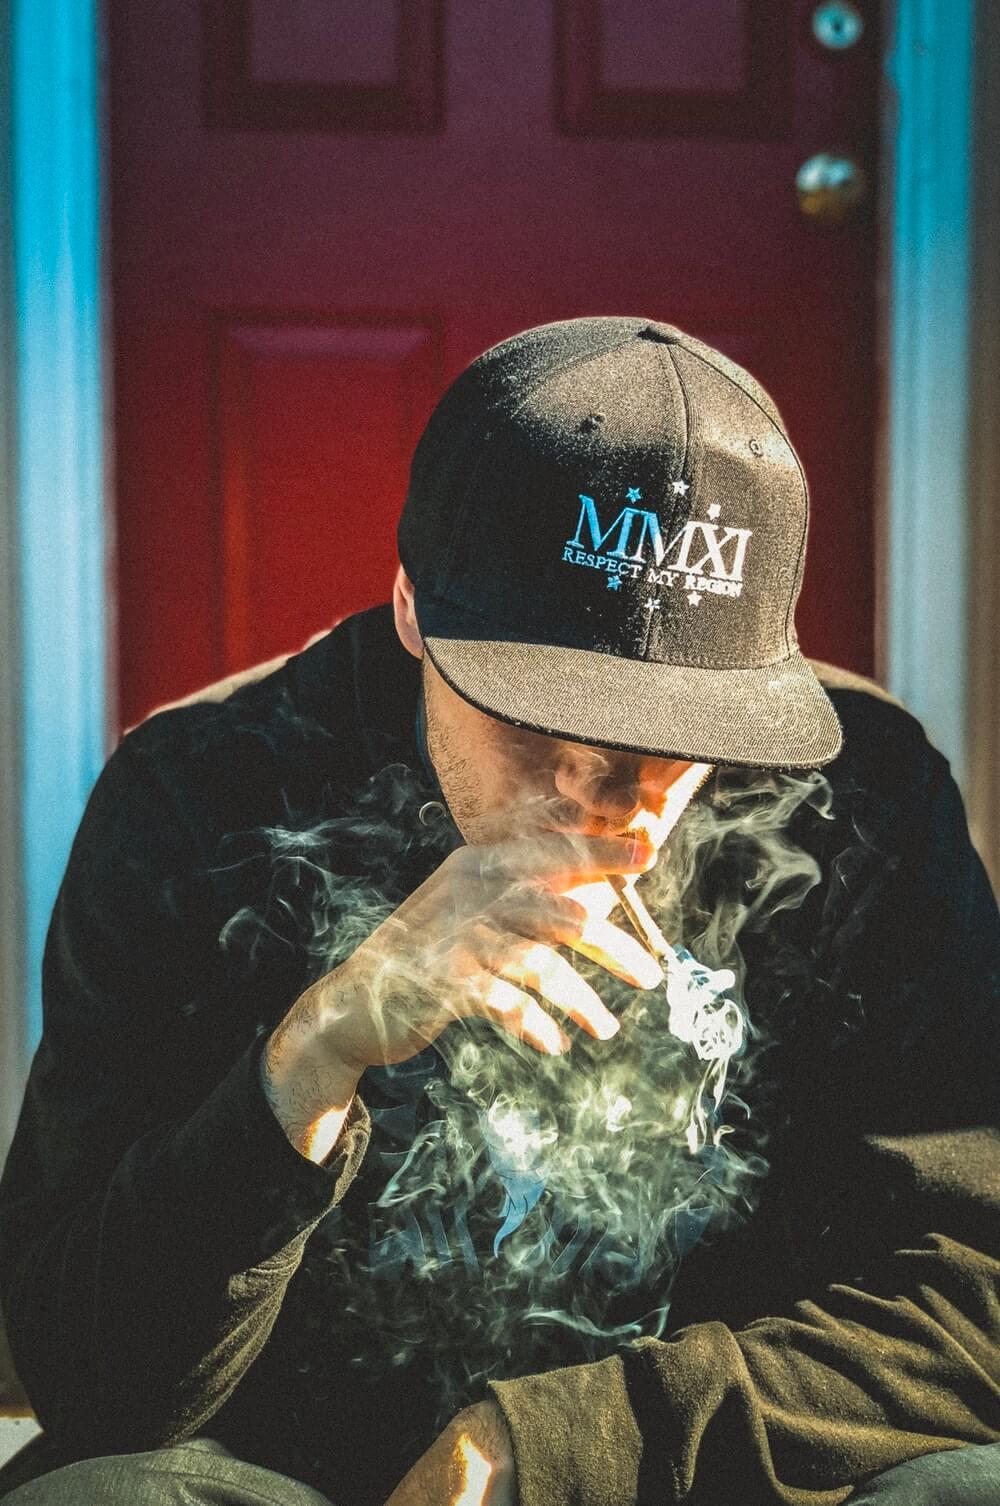 anak laki-laki perokok sedih